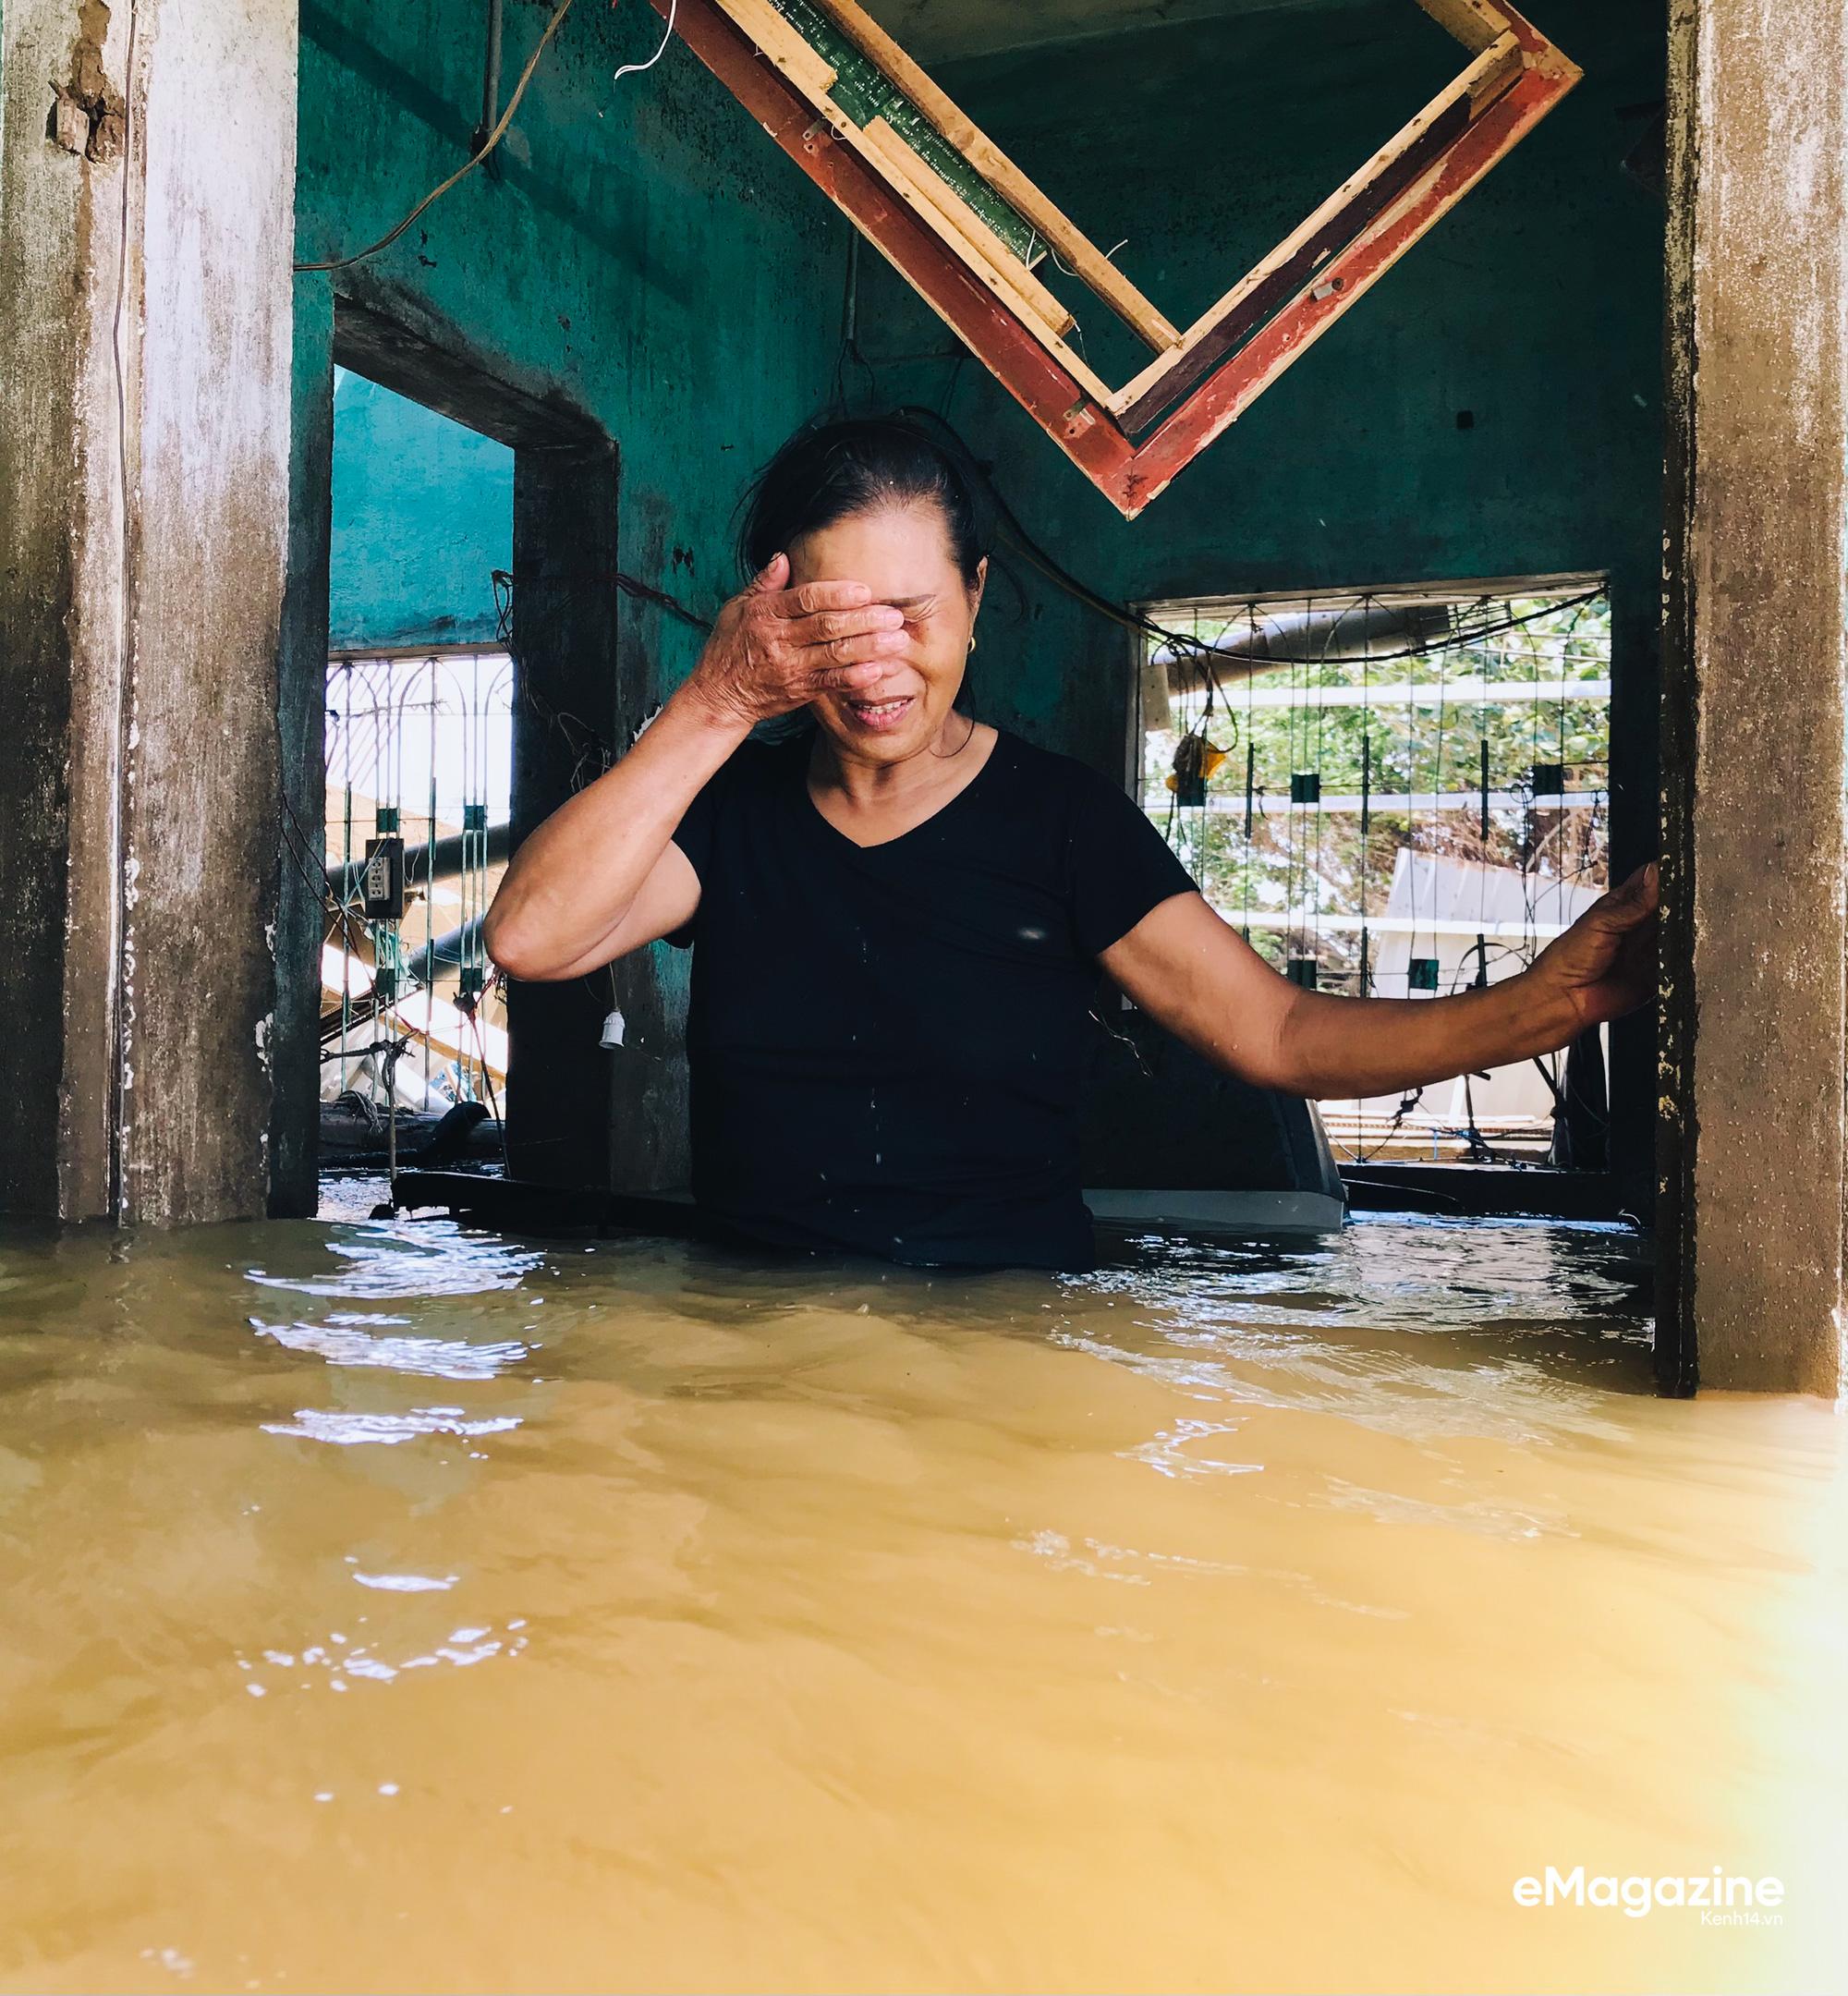 Giông bão nào cũng sẽ vượt qua, vì người Việt ta luôn sống với nhau bằng cái nghĩa đồng bào! - Ảnh 3.